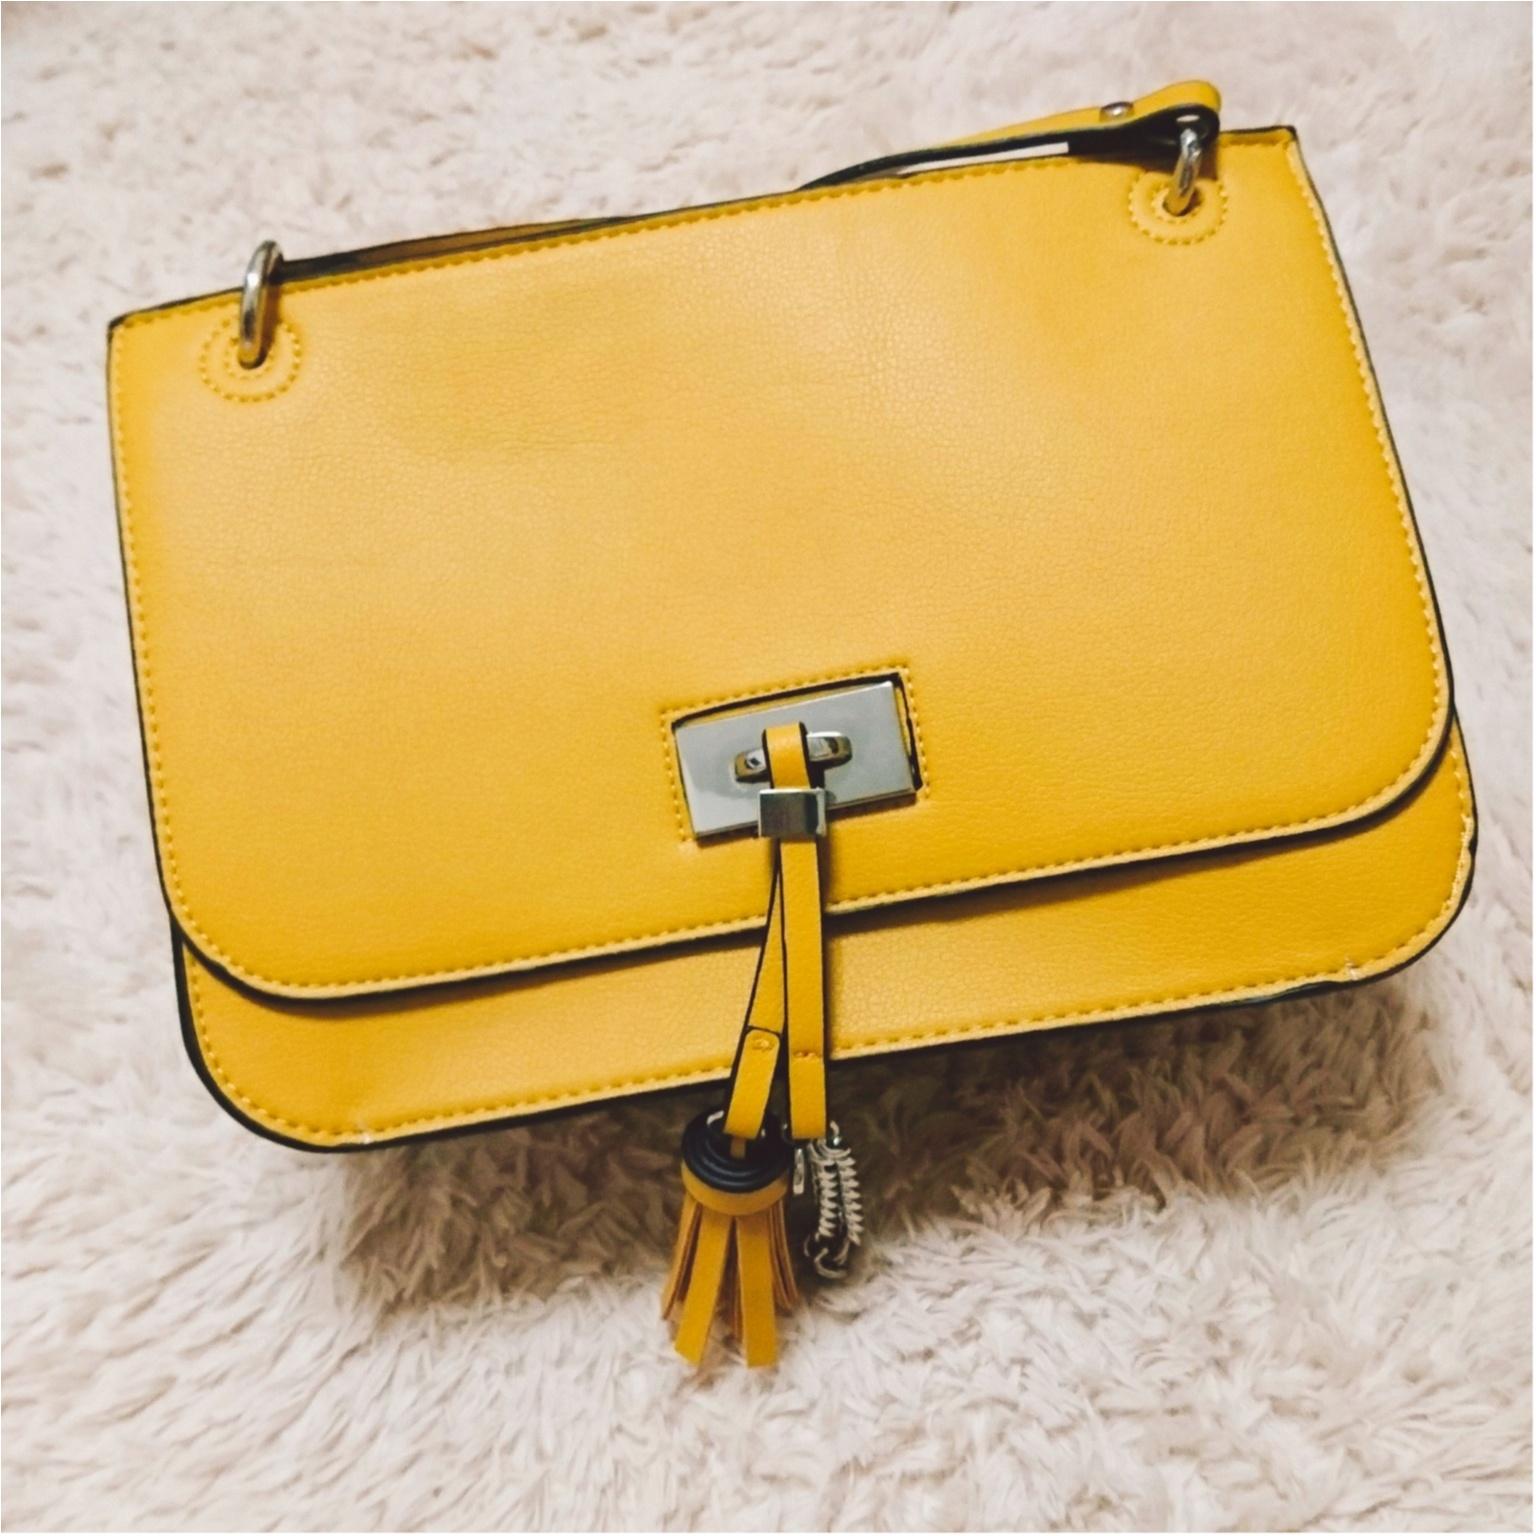 みんなどんなバッグ使ってるの? 憧れブランドもまとめて「愛用バッグ」まとめ♡♡_1_16